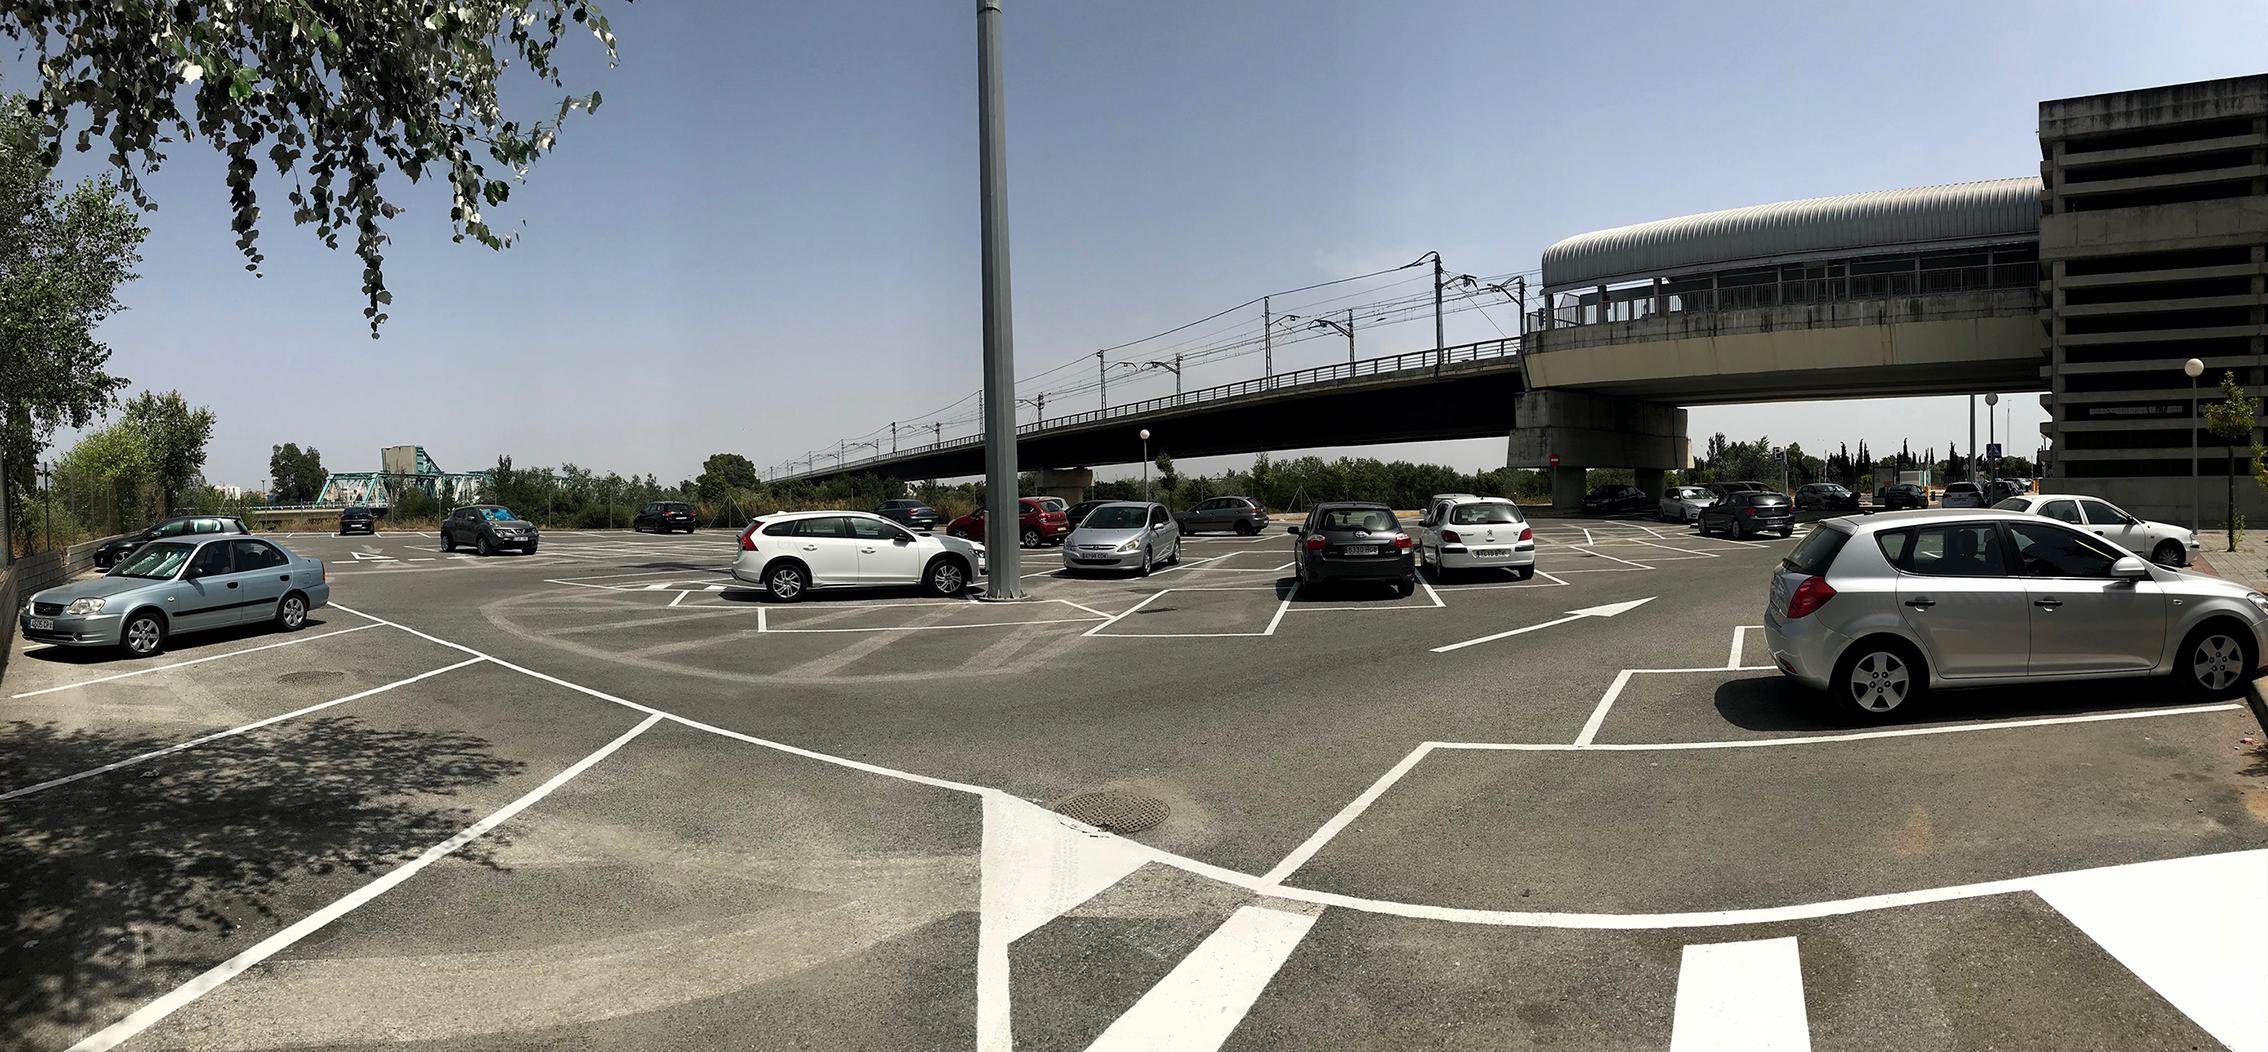 El parking de San Juan Bajo llega a estar ocupado al 100% en las primeras horas del periodo laboral.